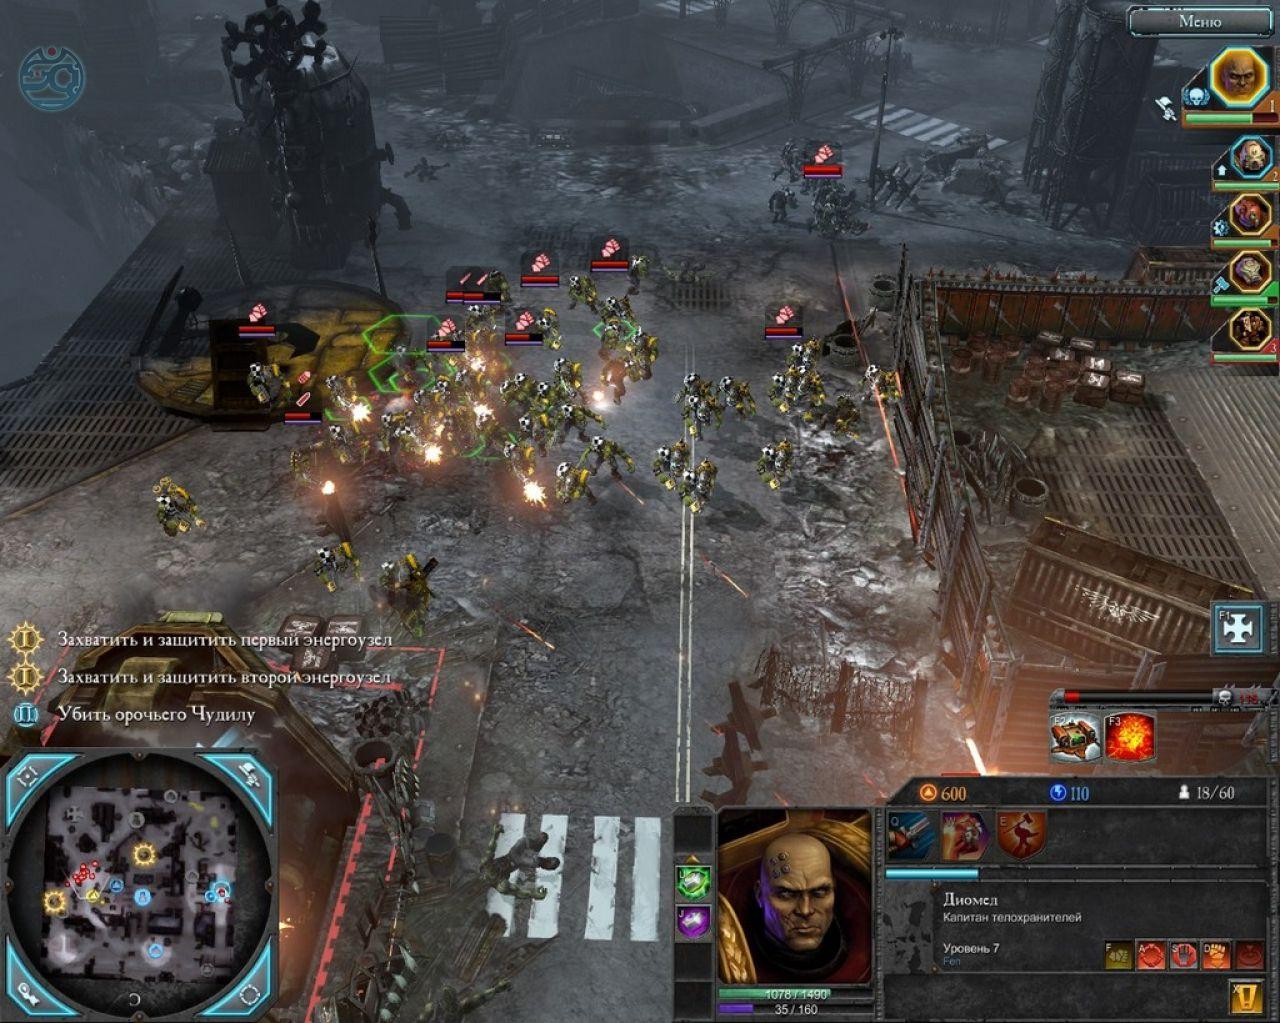 ПОМОГИТЗЫКОМ! : Warhammer 40,000: Dawn of War 52